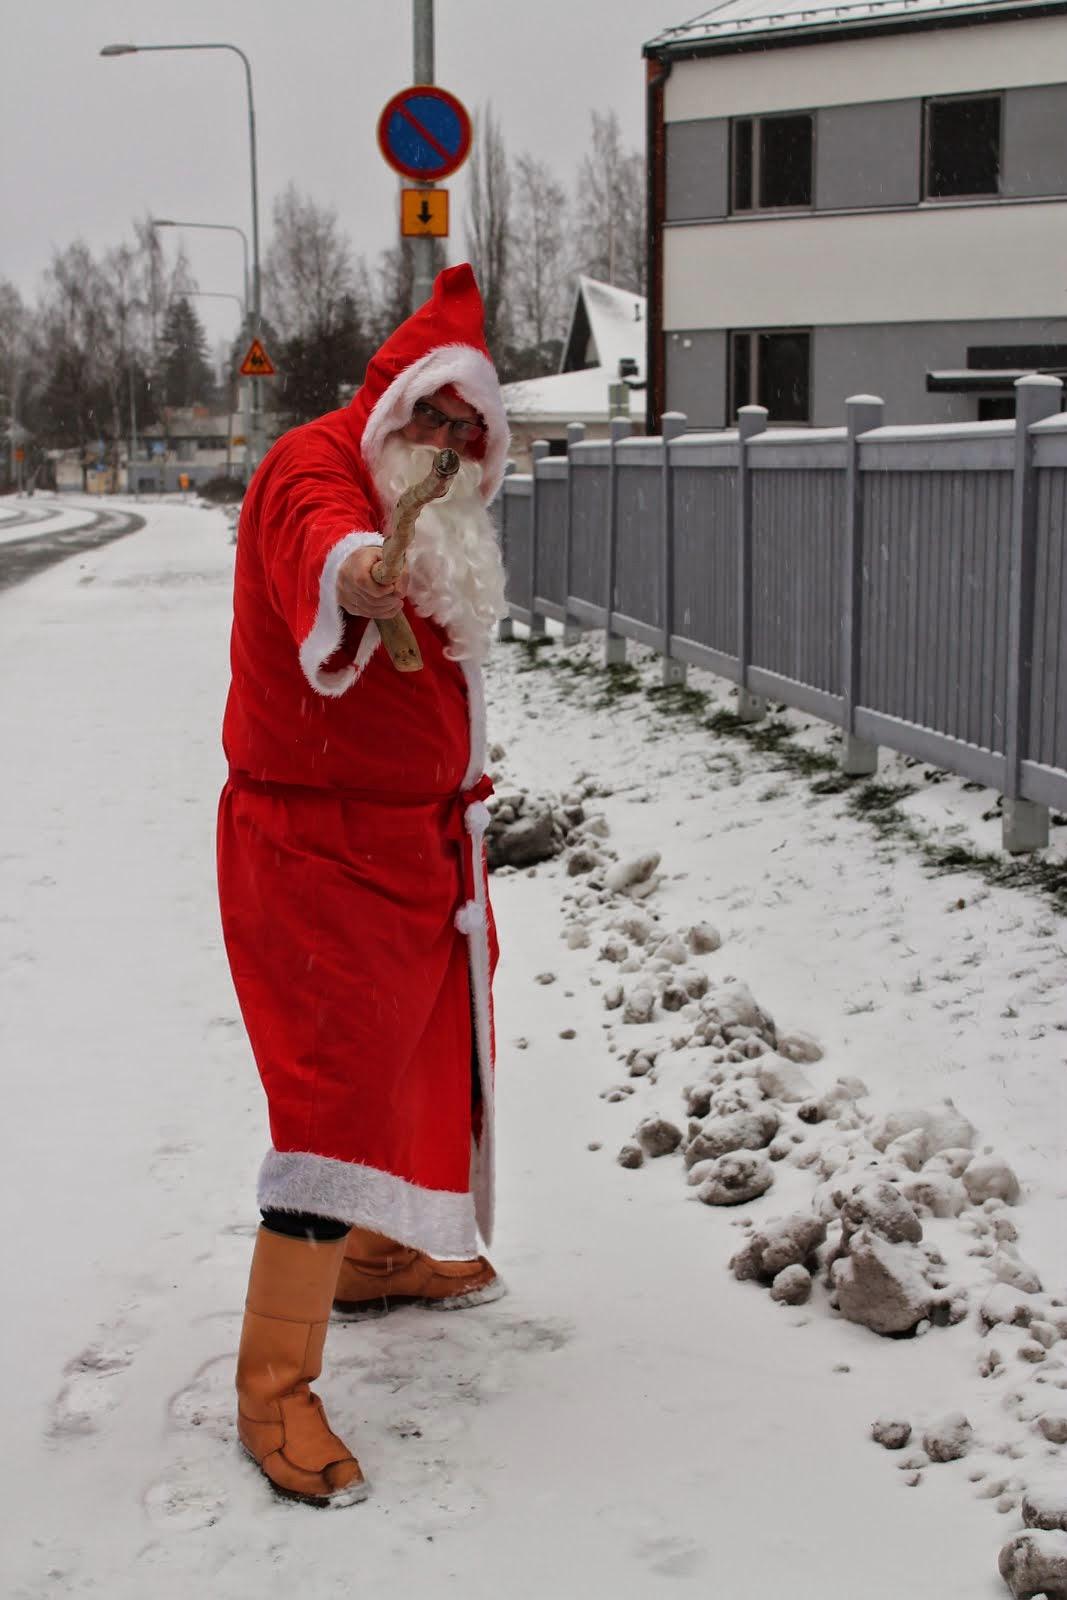 Joulupukki savuton raitis Jouluanne juhlistamaan e-mail: joulupukkipalvelua@gmail.com